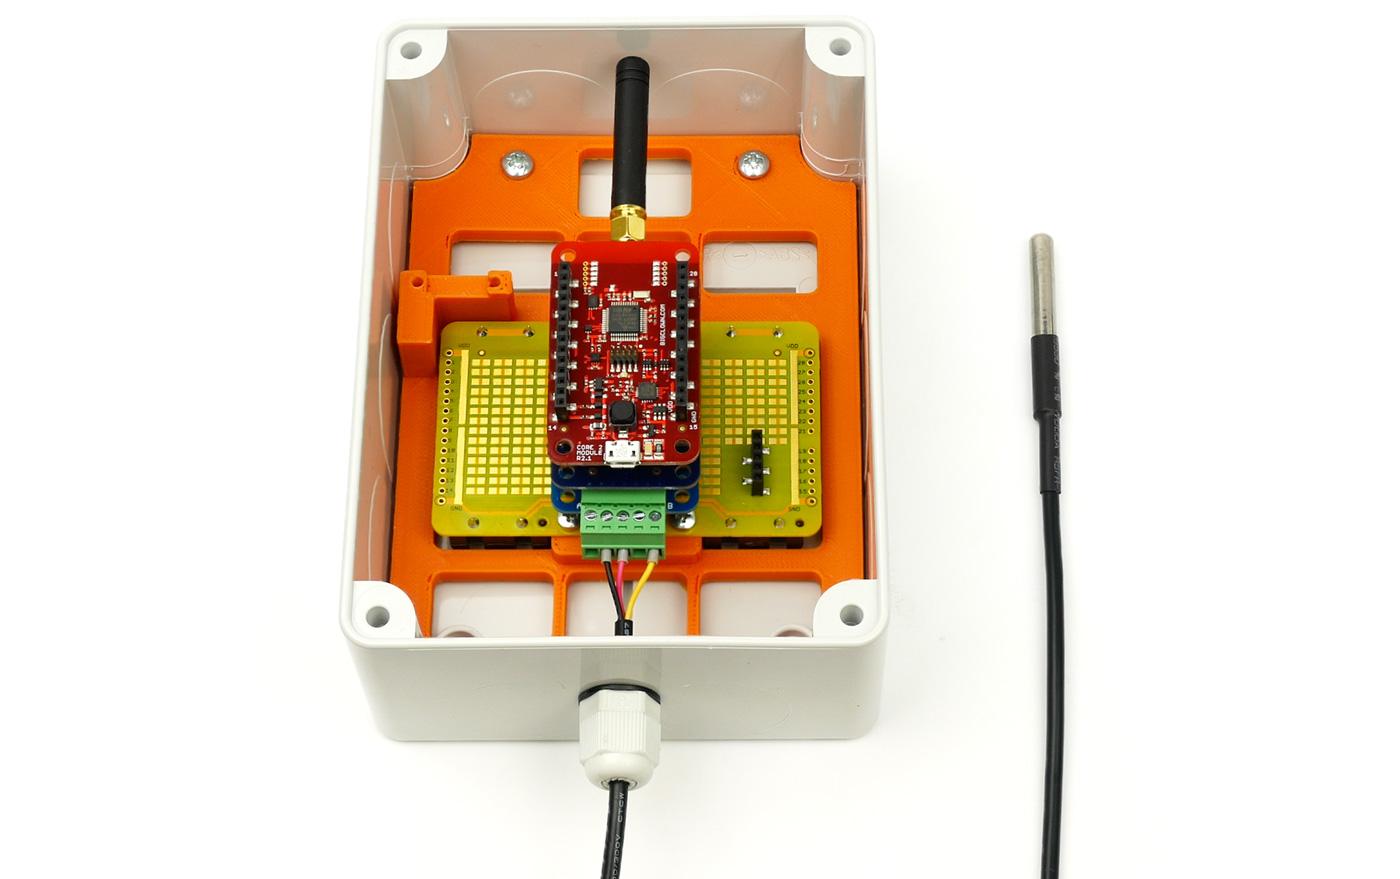 obrázek: teplotní senzor, přesně takový monitoruje teplotu motorů osazovací linky